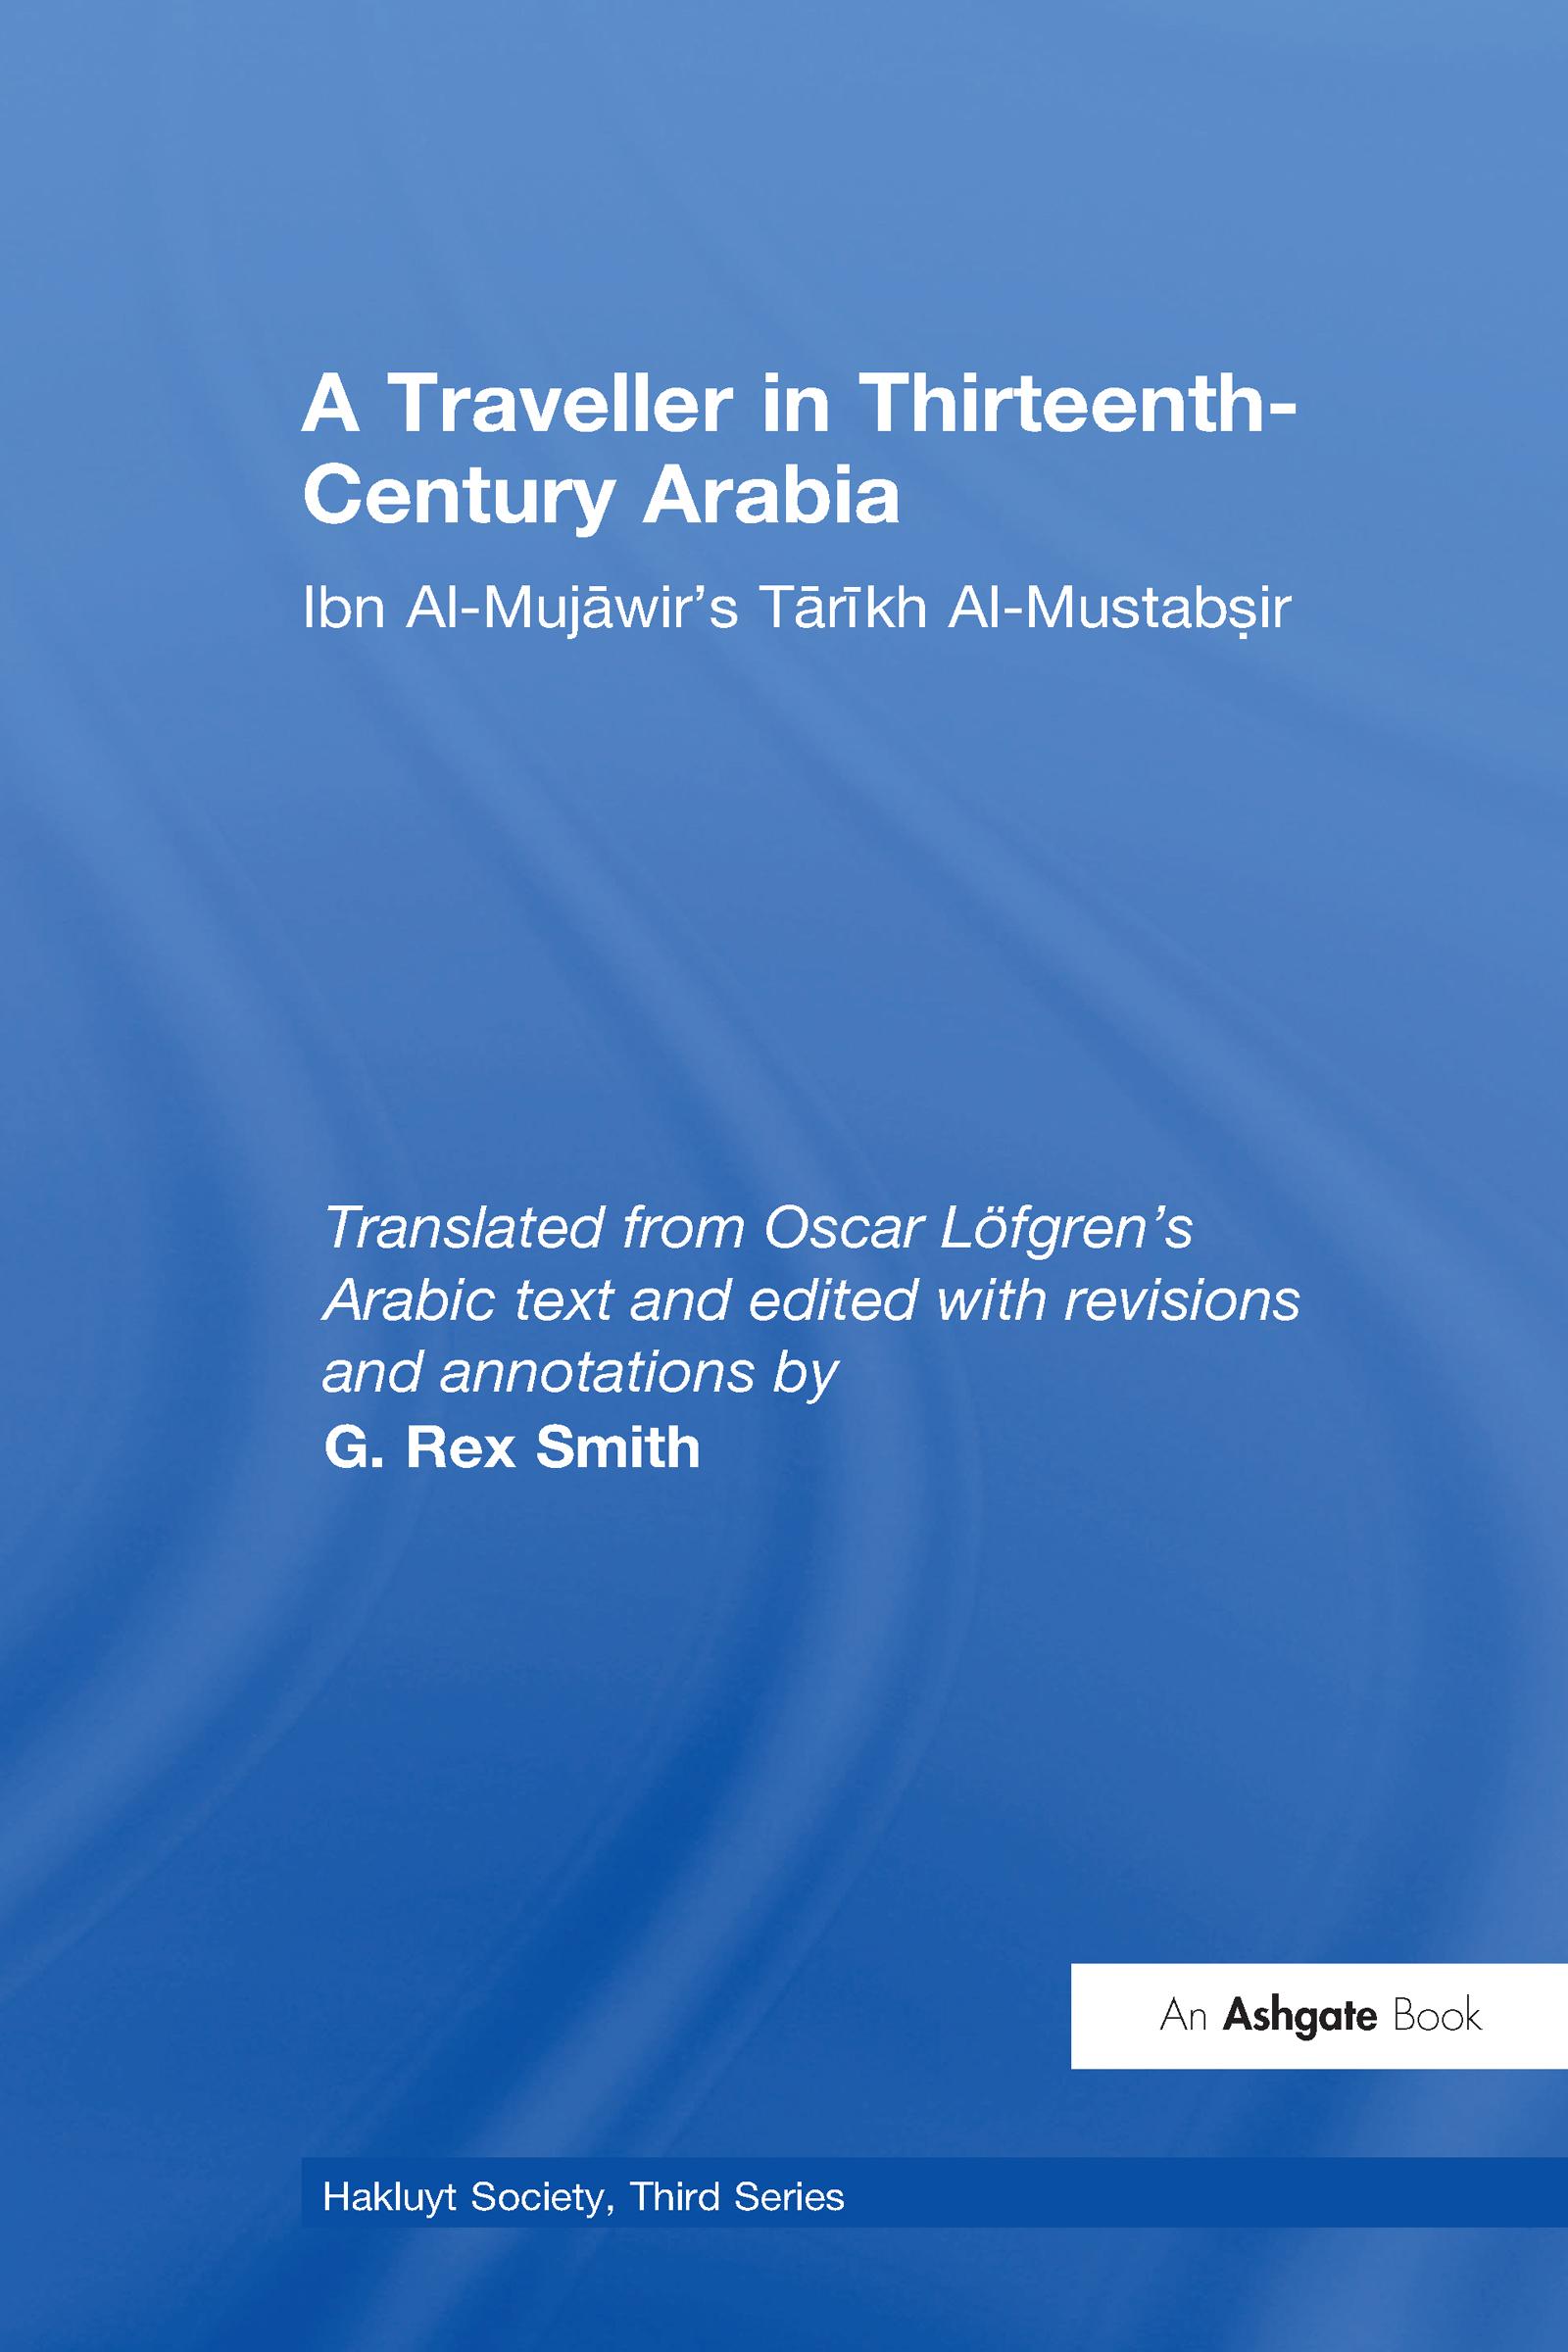 A Traveller in Thirteenth-Century Arabia / Ibn al-Mujawir's Tarikh al-Mustabsir book cover